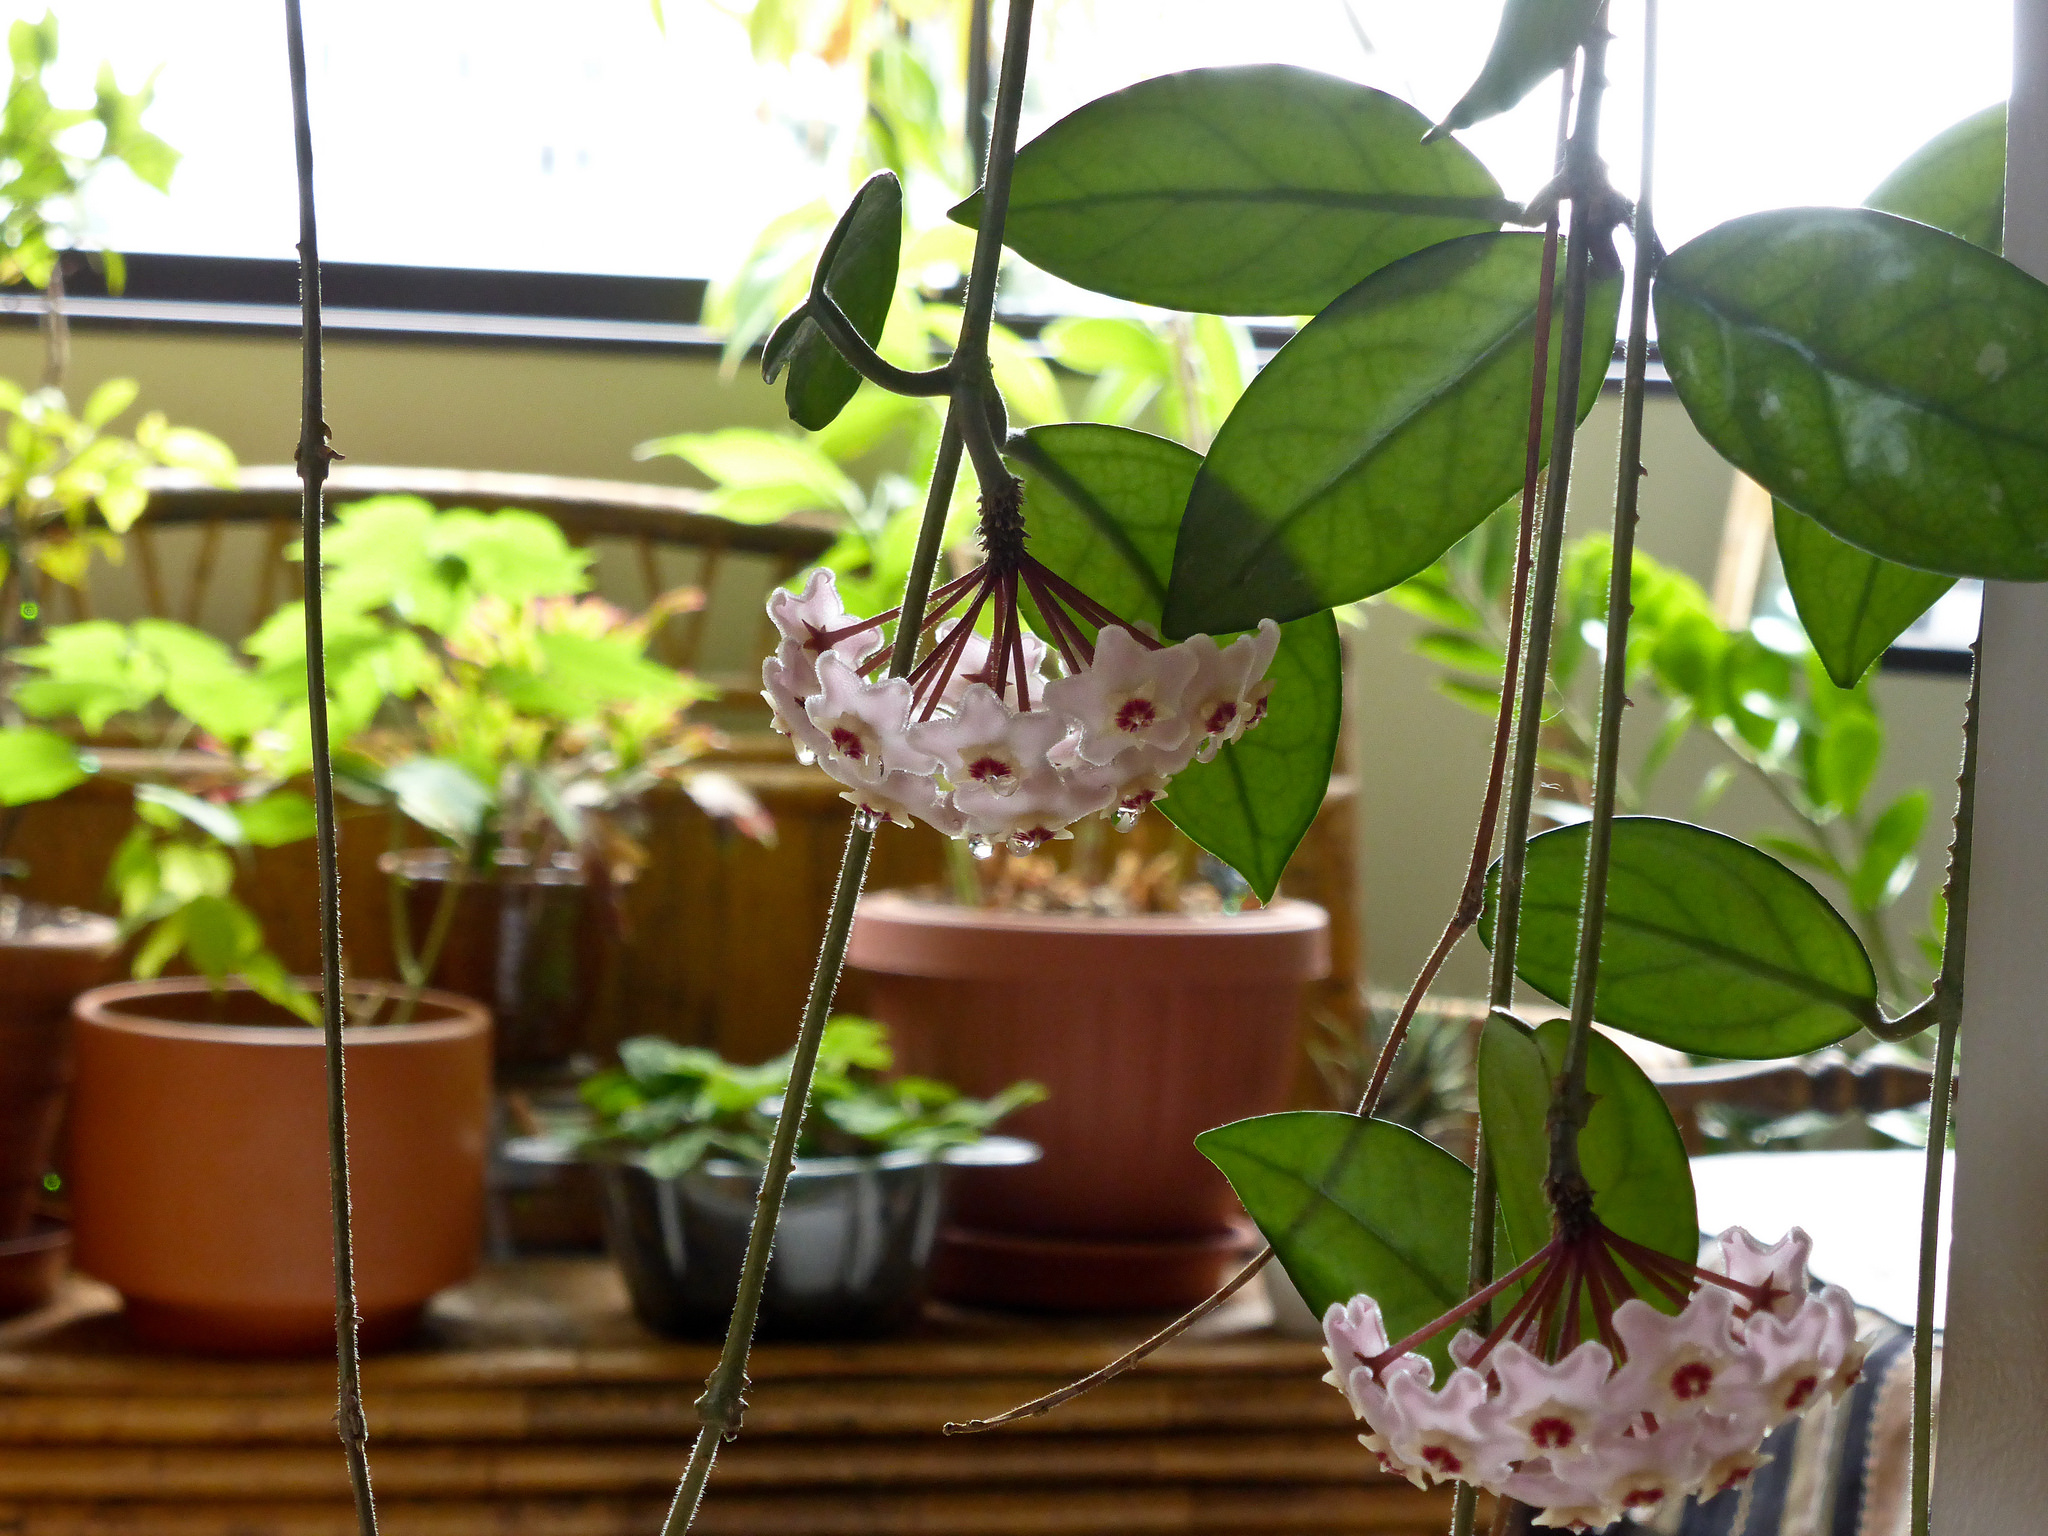 Hoya impreuna cu alte flori